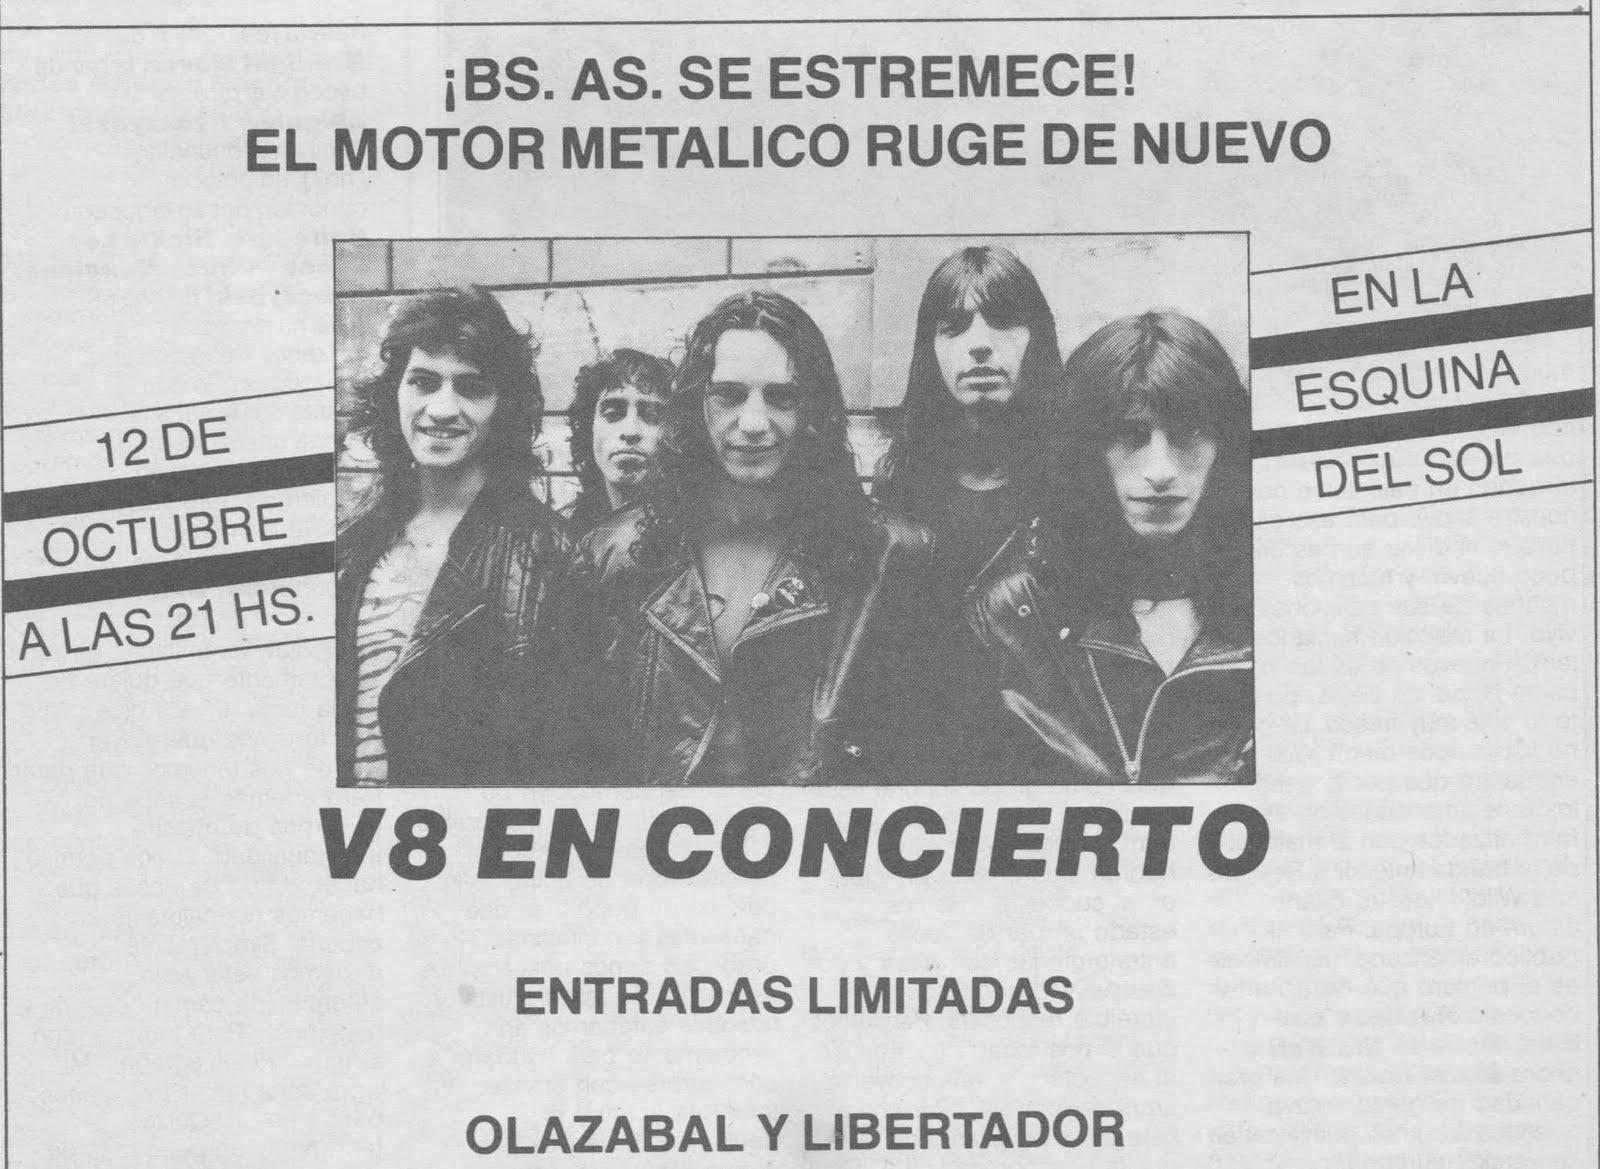 Allá por 1985, Ricardo Iorio una vez llegado de Brasil junto a Alberto  Zamarbide, meditan los pasos a seguir con V8 atento las partidas de Rowek y  Civile,